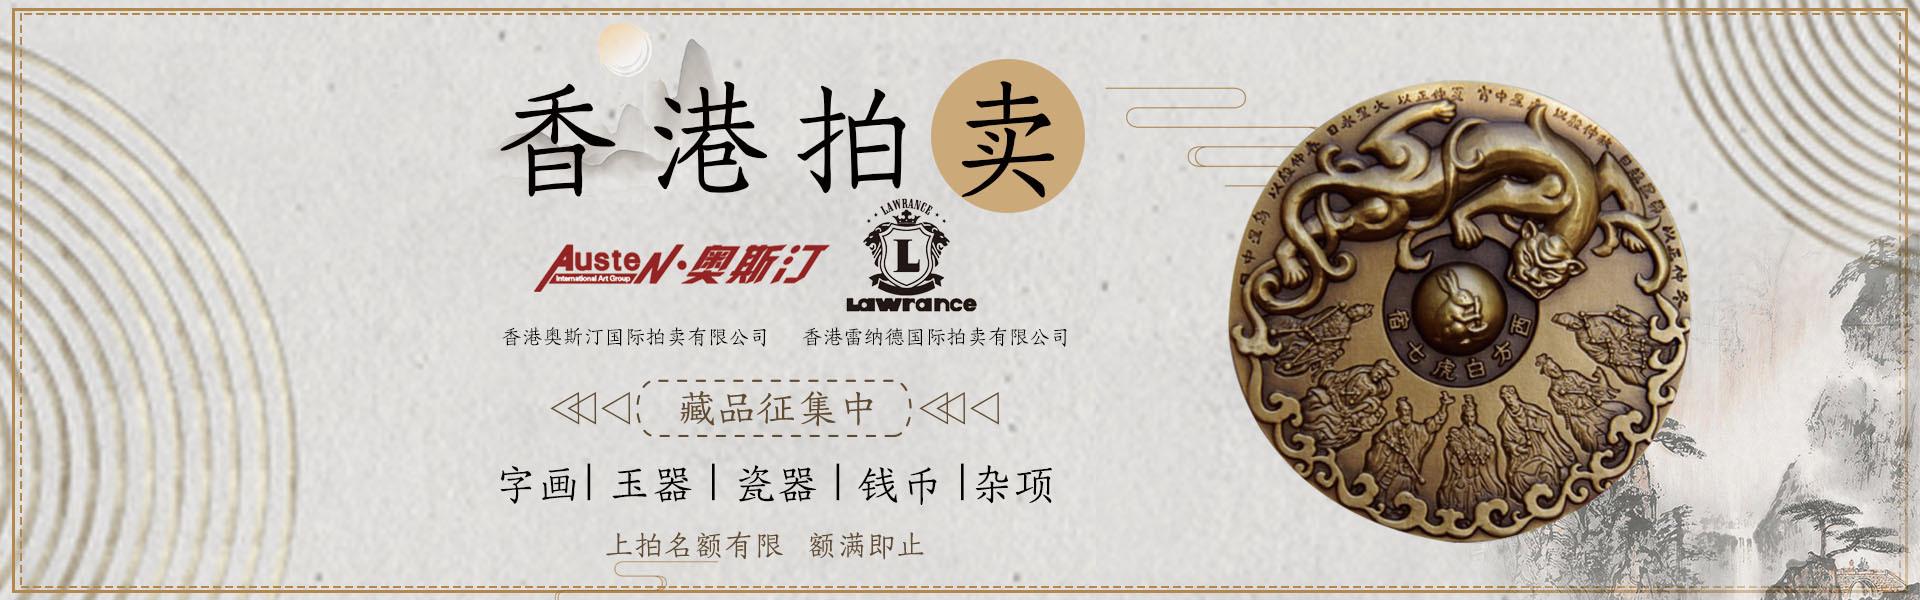 重庆古董鉴定、重庆古玩鉴定:专业古董、古玩艺术品鉴定/交易服务机构